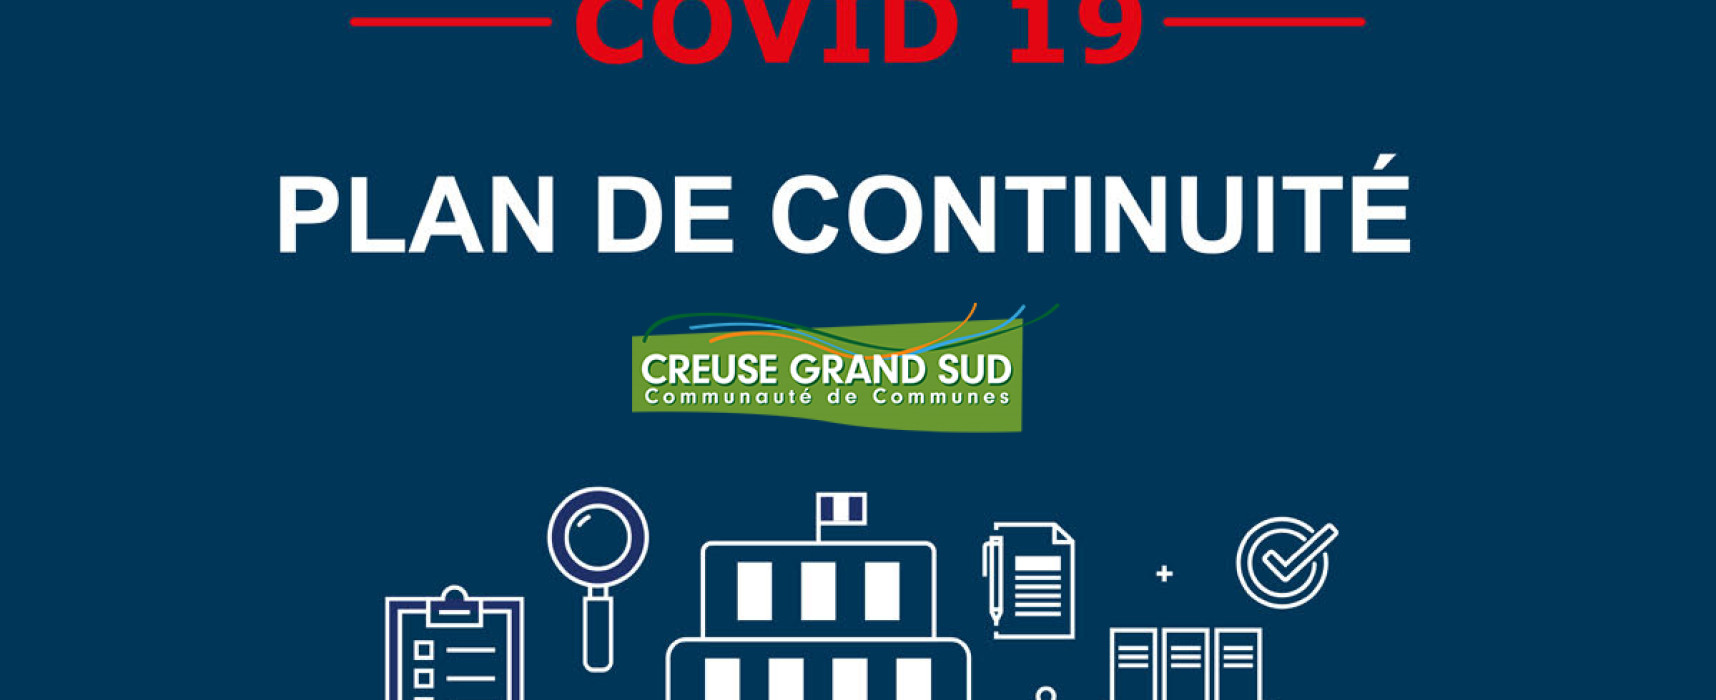 Plan de continuité des services Creuse Grand Sud – 2 avril 2021